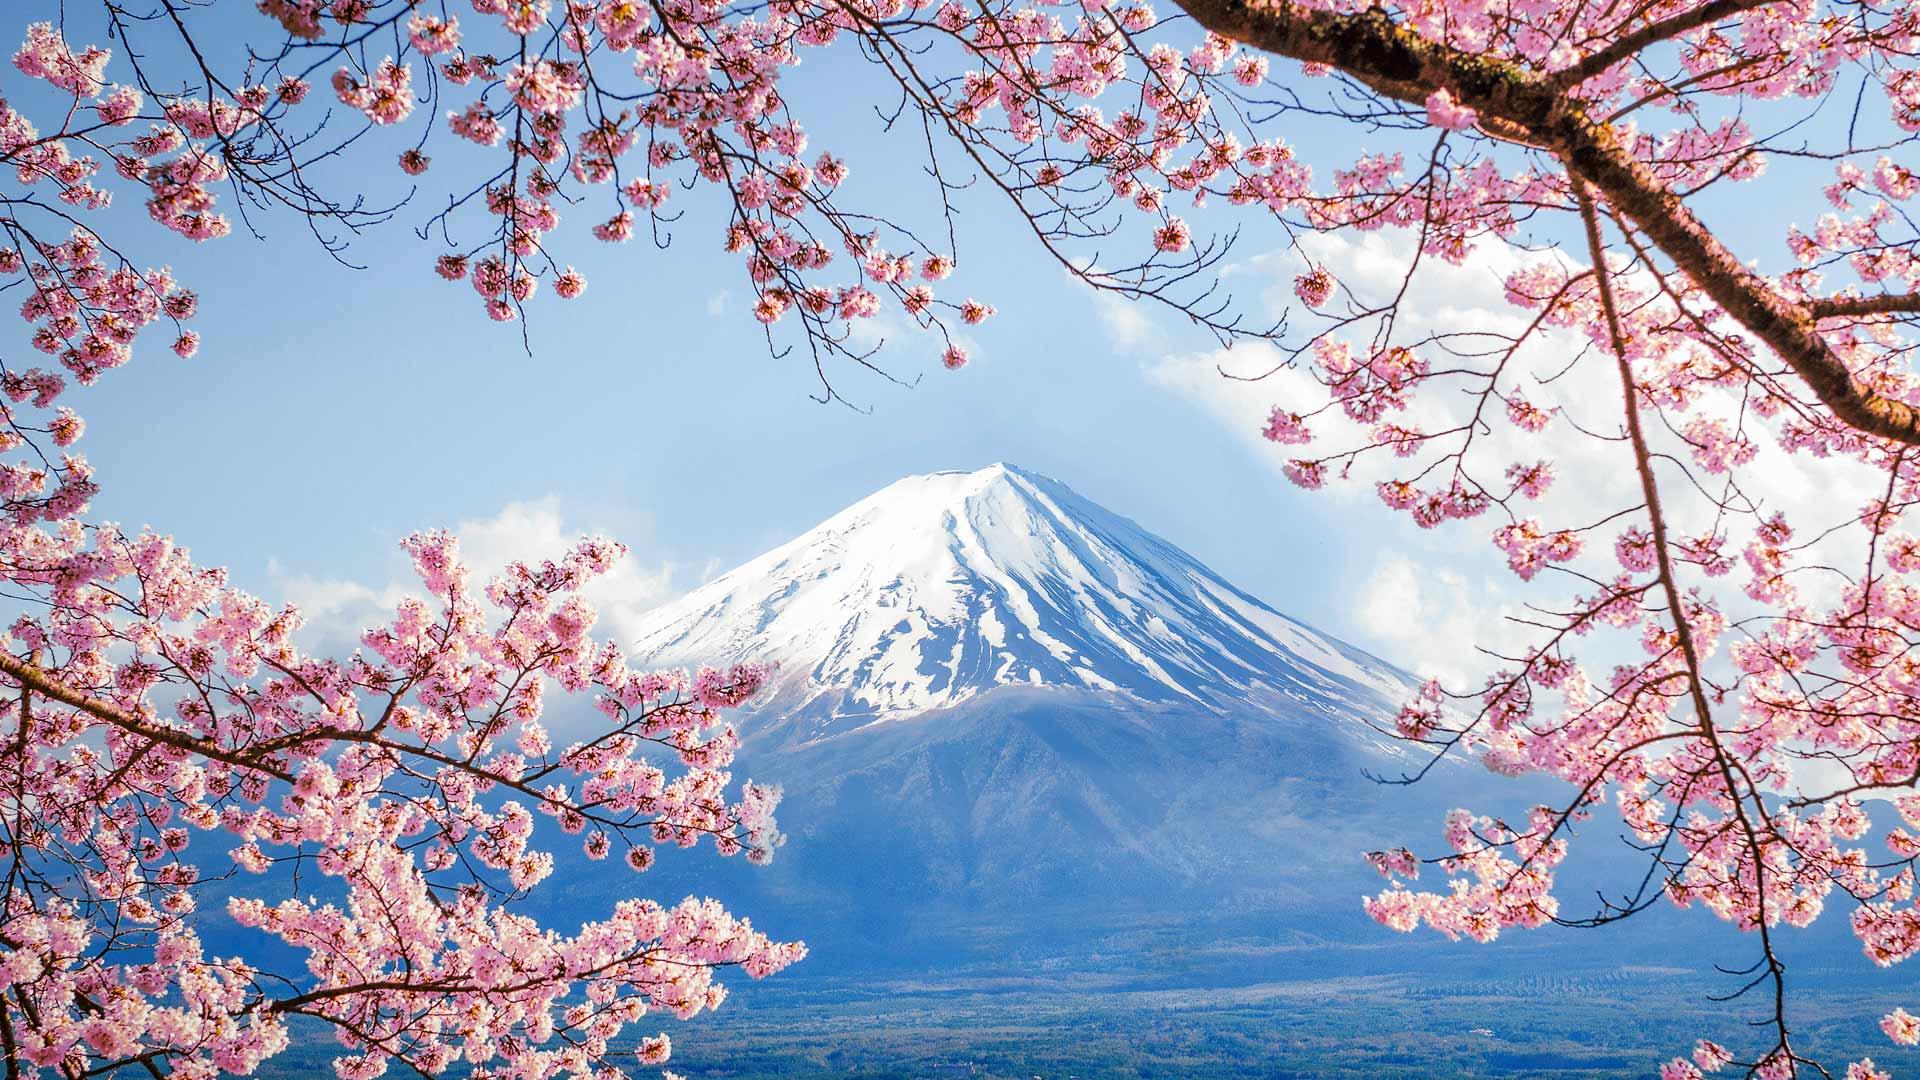 「富士山と桜」山梨, 河口湖 (©  DoctorEgg/Getty Images)